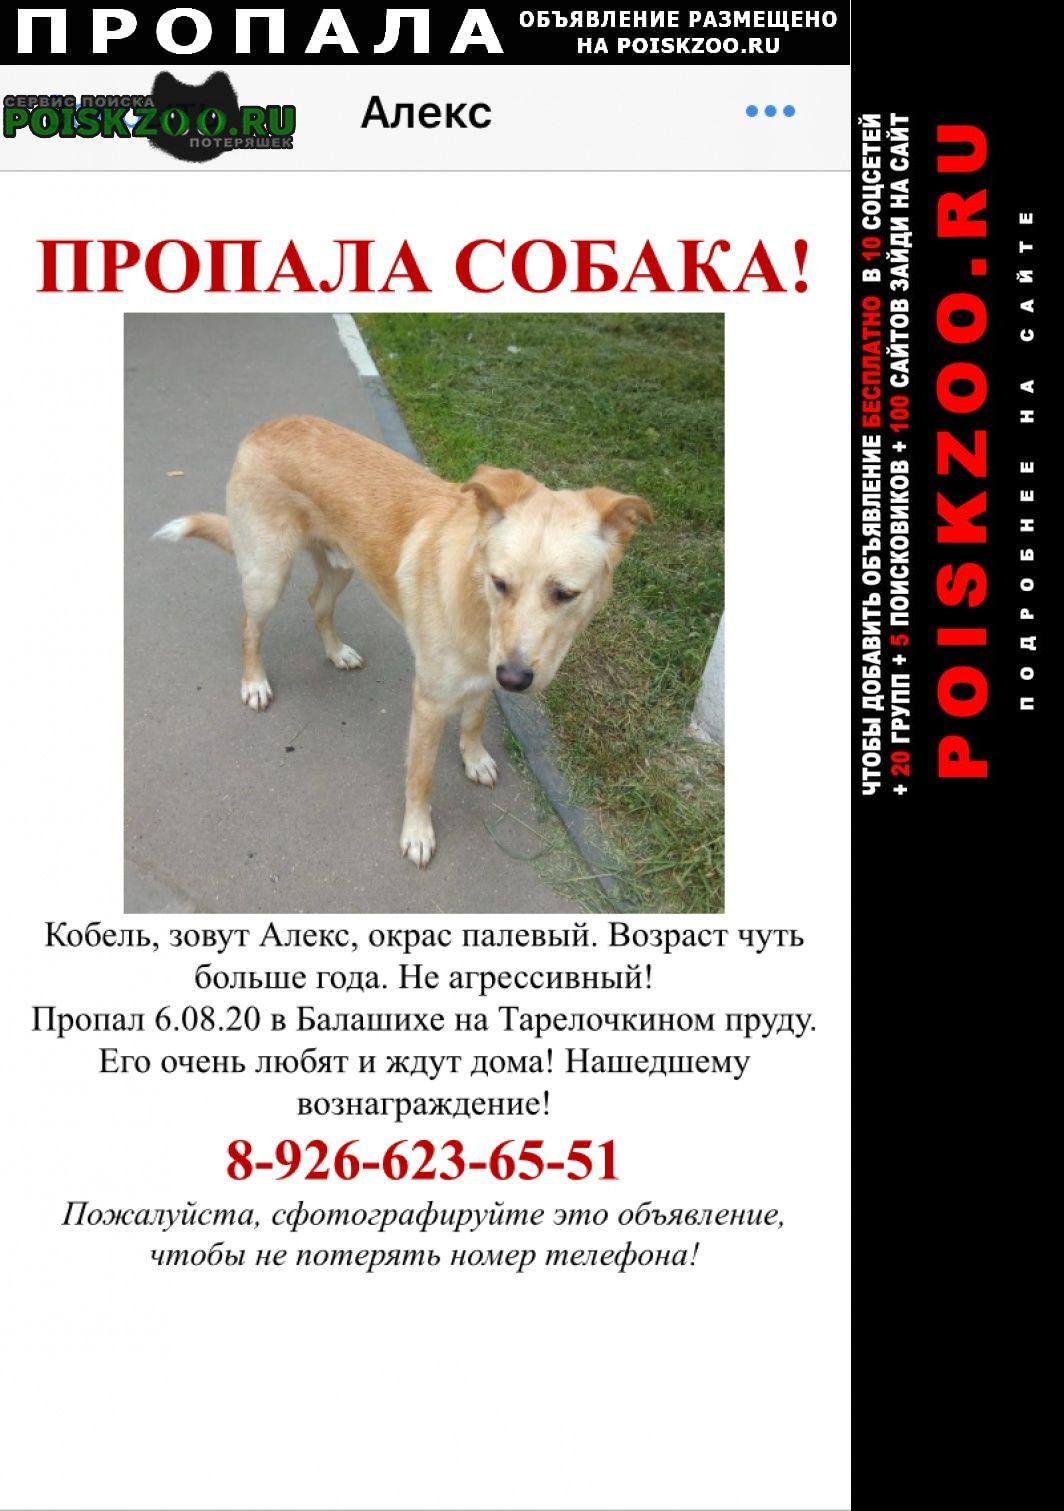 Пропала собака пожалуйста, всё ещё ищем   Балашиха